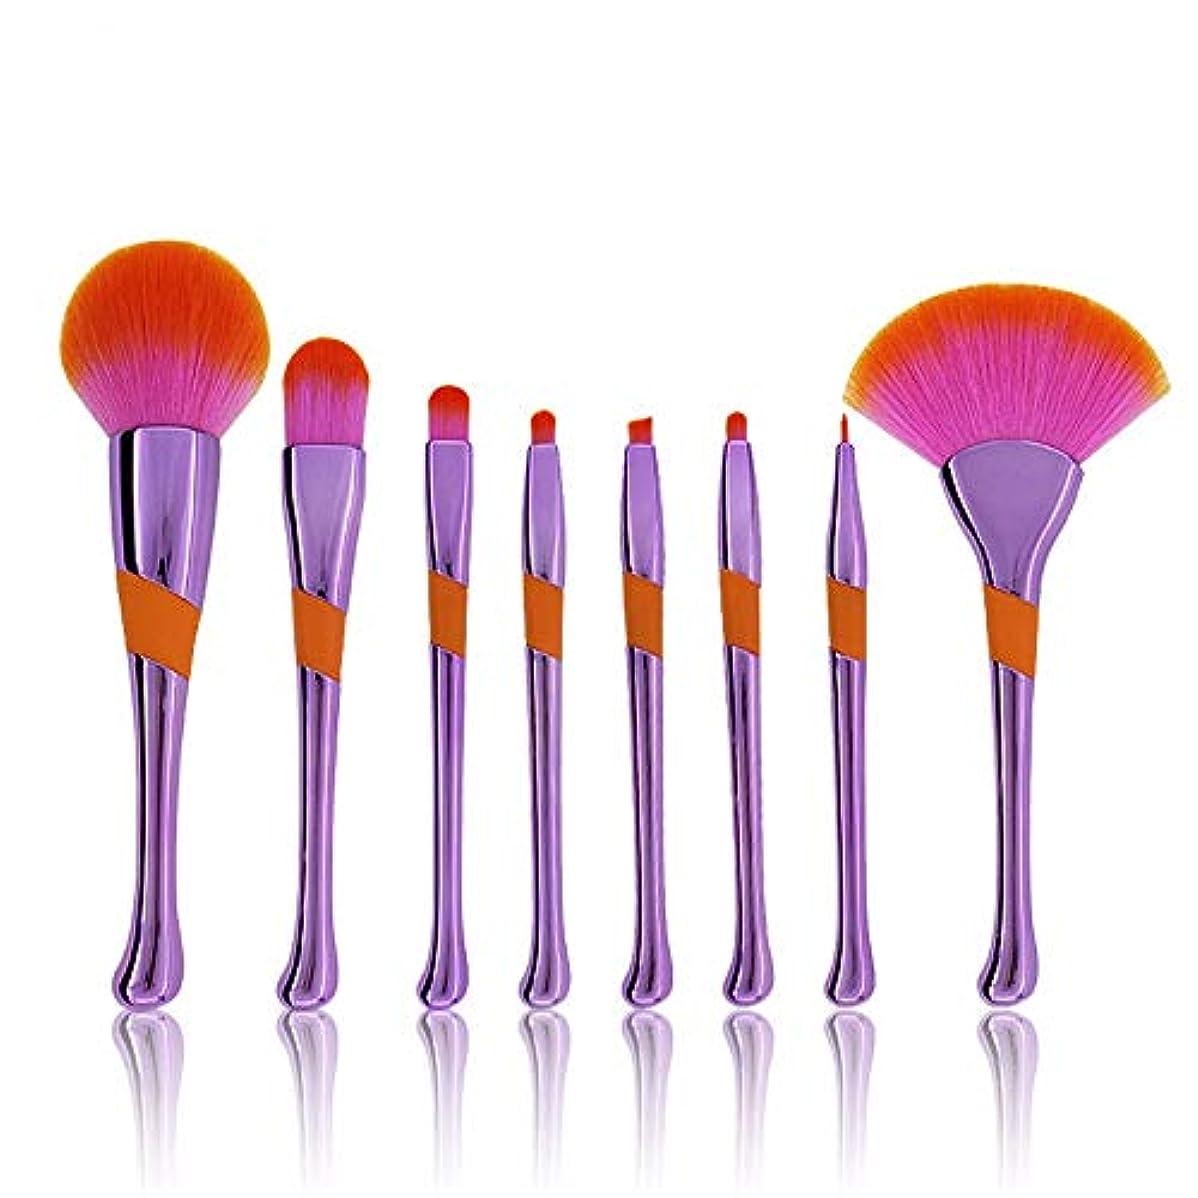 揮発性エンドウどうしたのMakeup brushes 8ピースセットガールハートメイクブラシフリーパウダーブラシアイシャドウブラシブラッシュブラシ suits (Color : Purple)